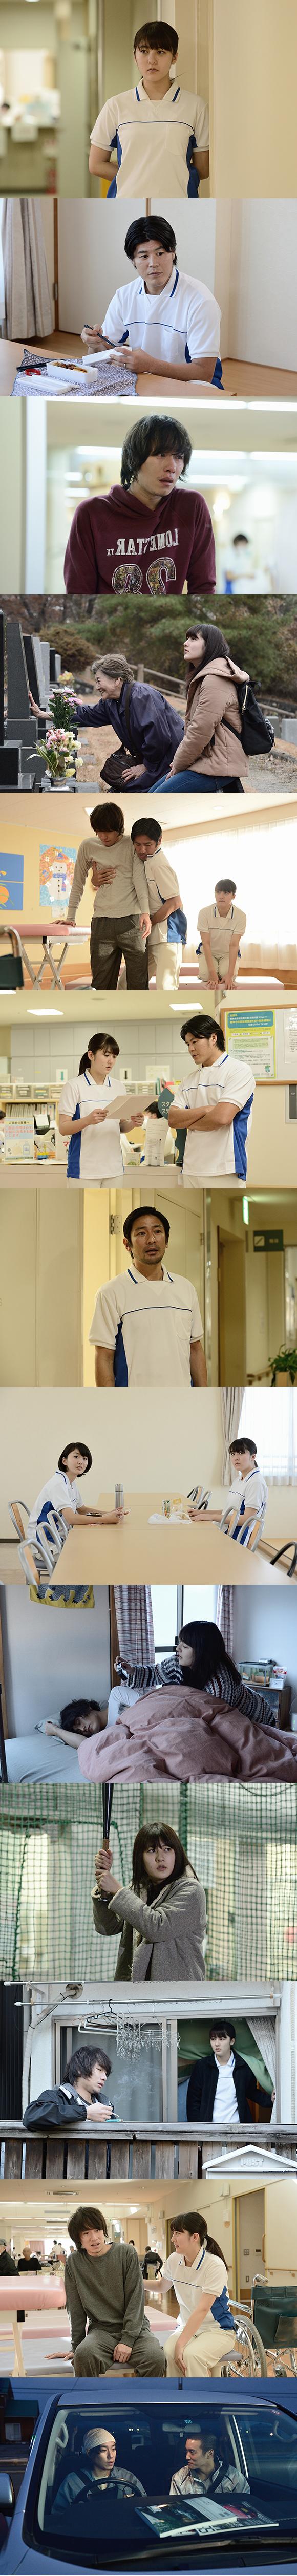 aruboku_003.jpg